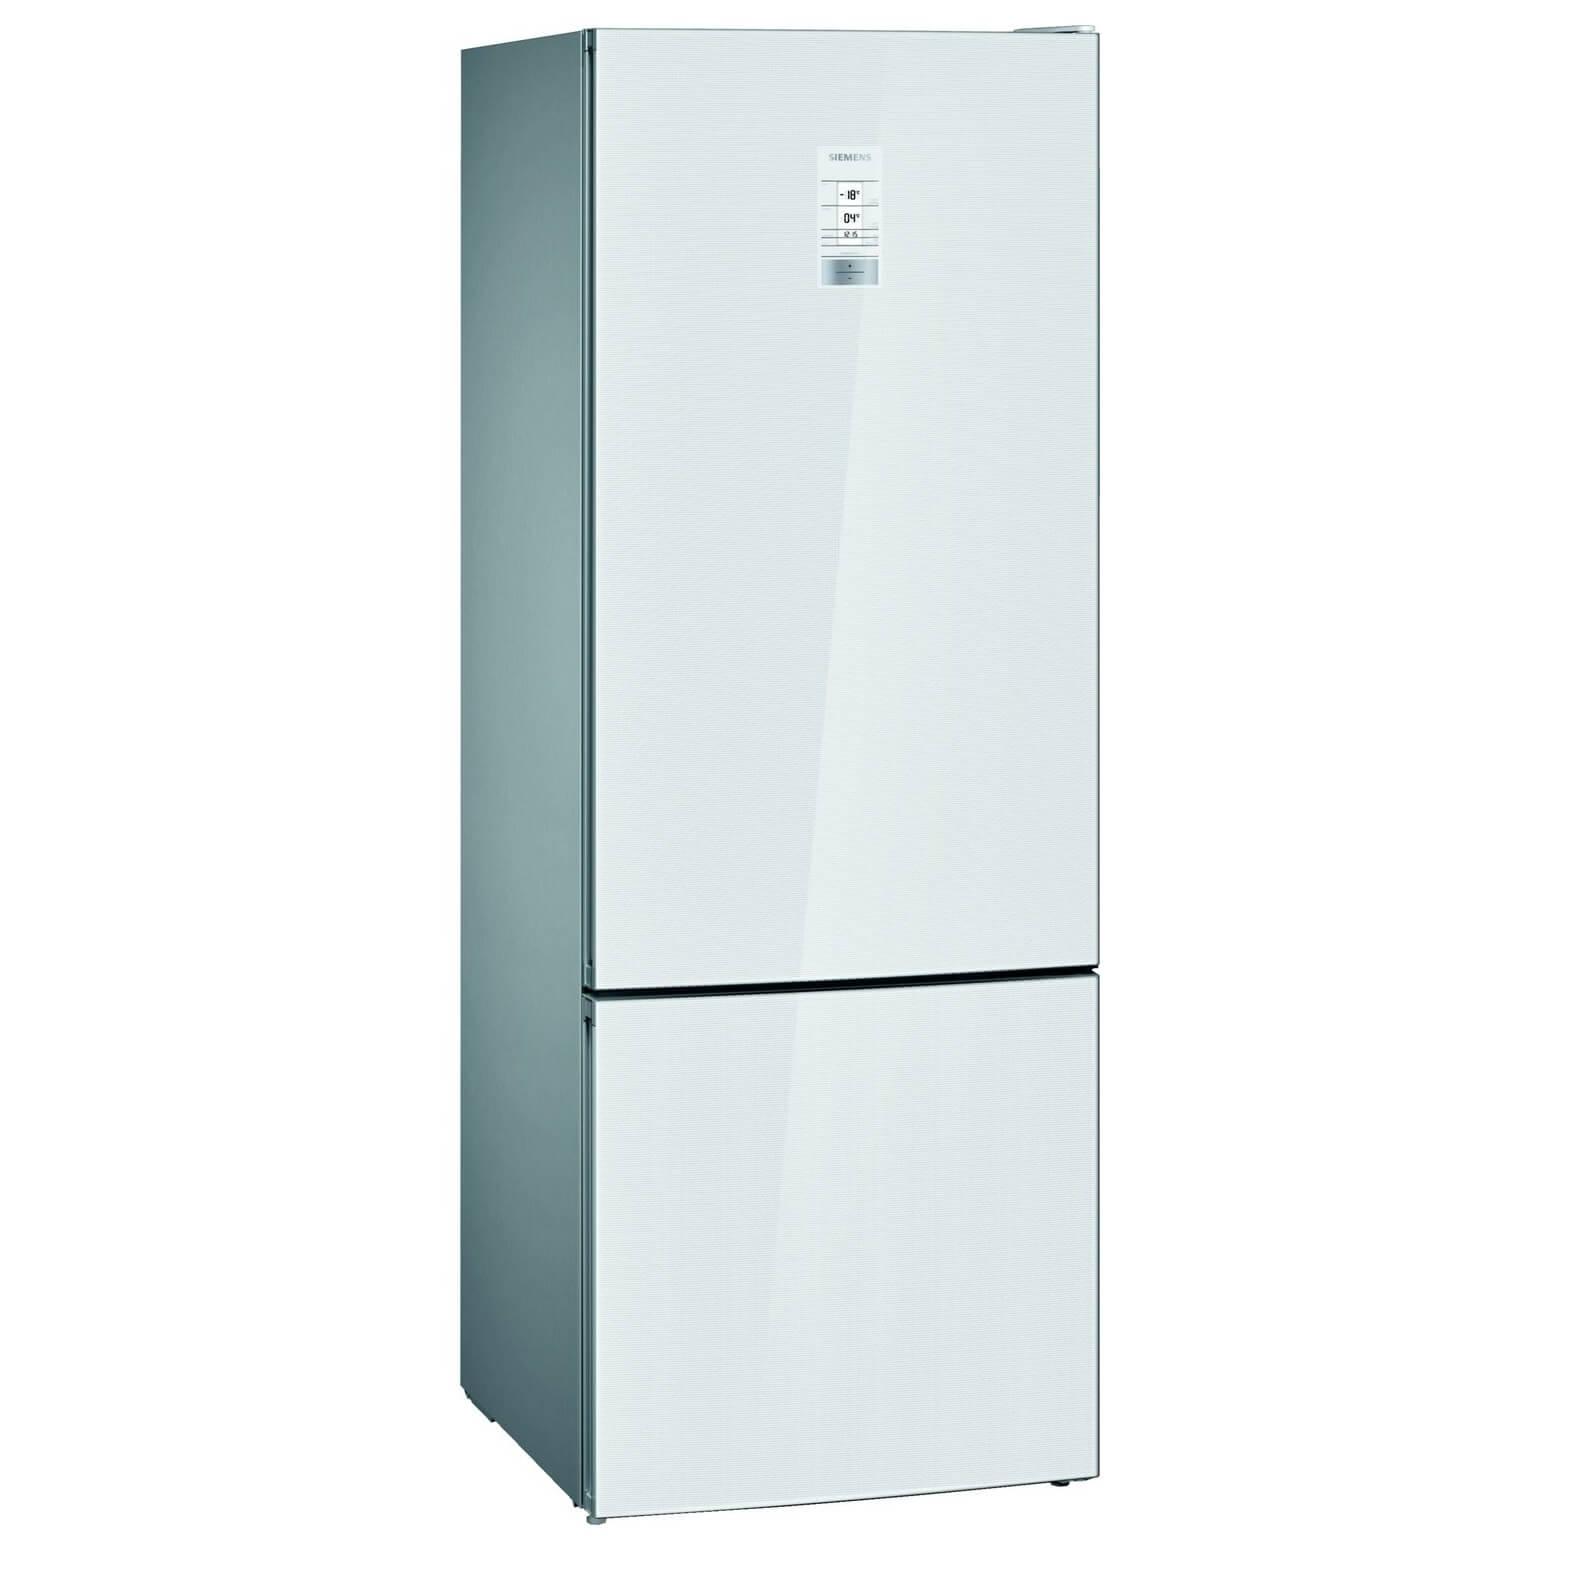 Siemens KG56NLWF0N buzdolabi